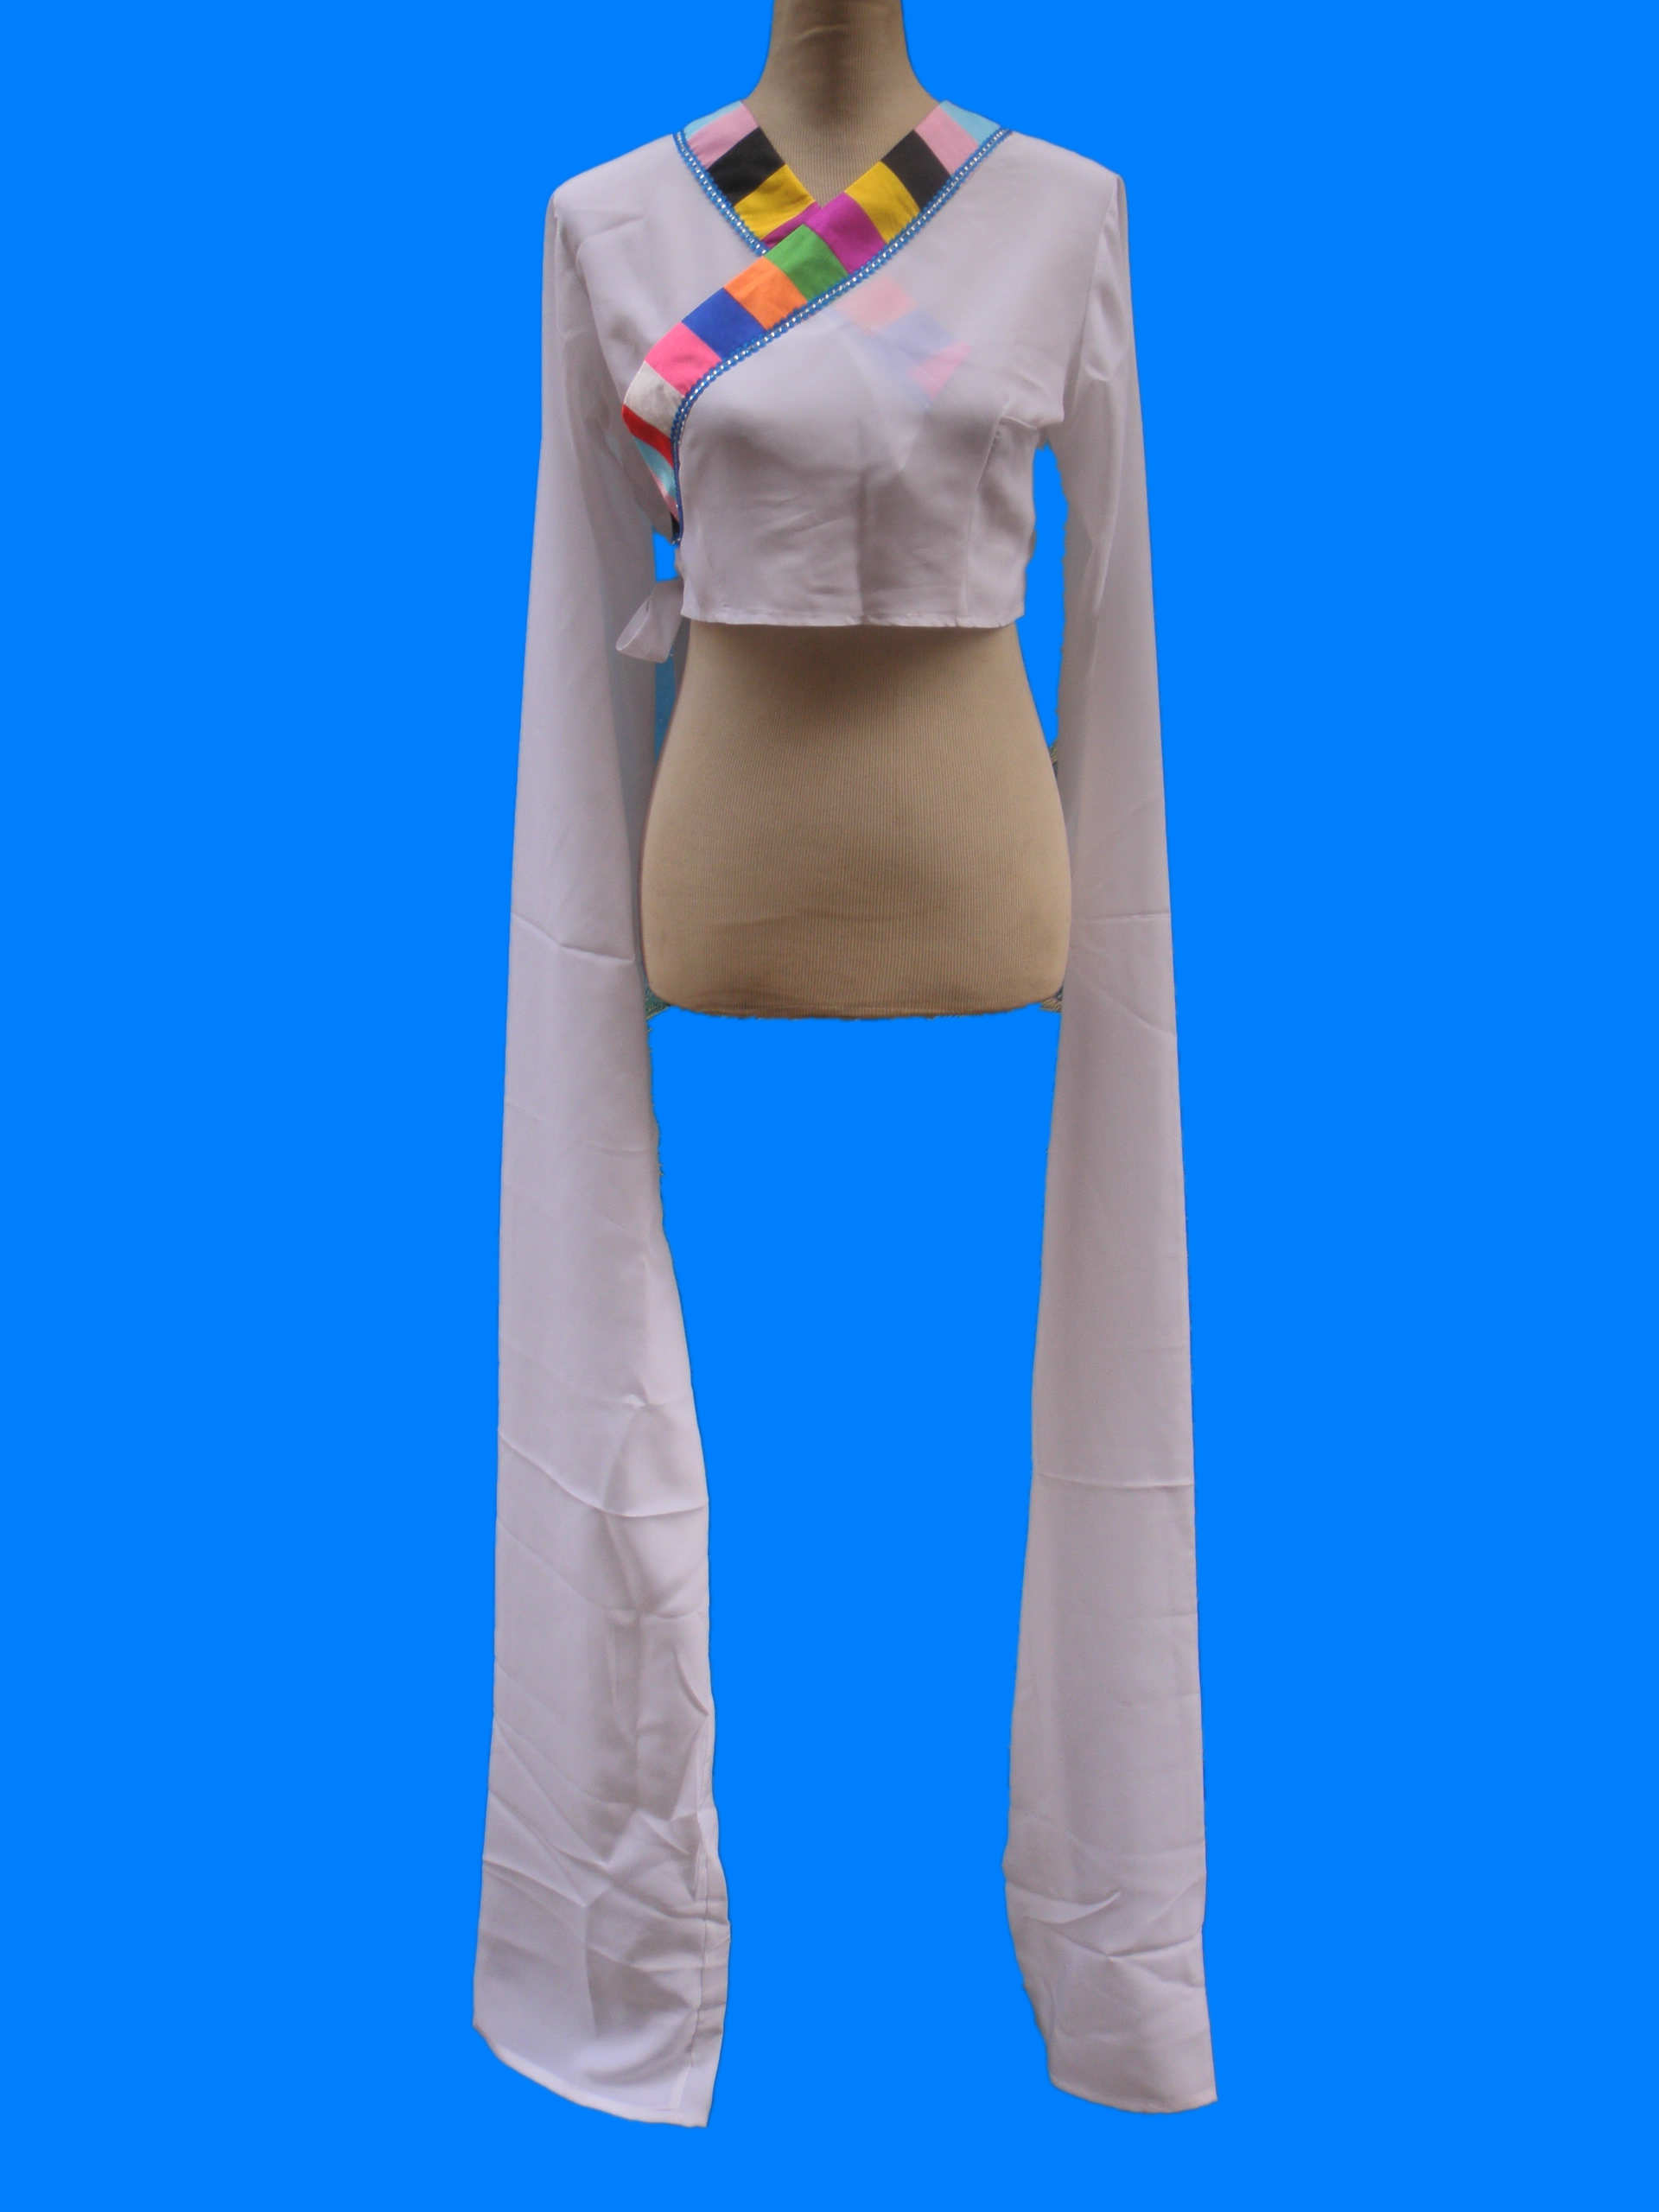 [藏族舞蹈成人少儿水袖练功水袖民族舞蹈水袖成人] стиль длина рукава [160厘米]